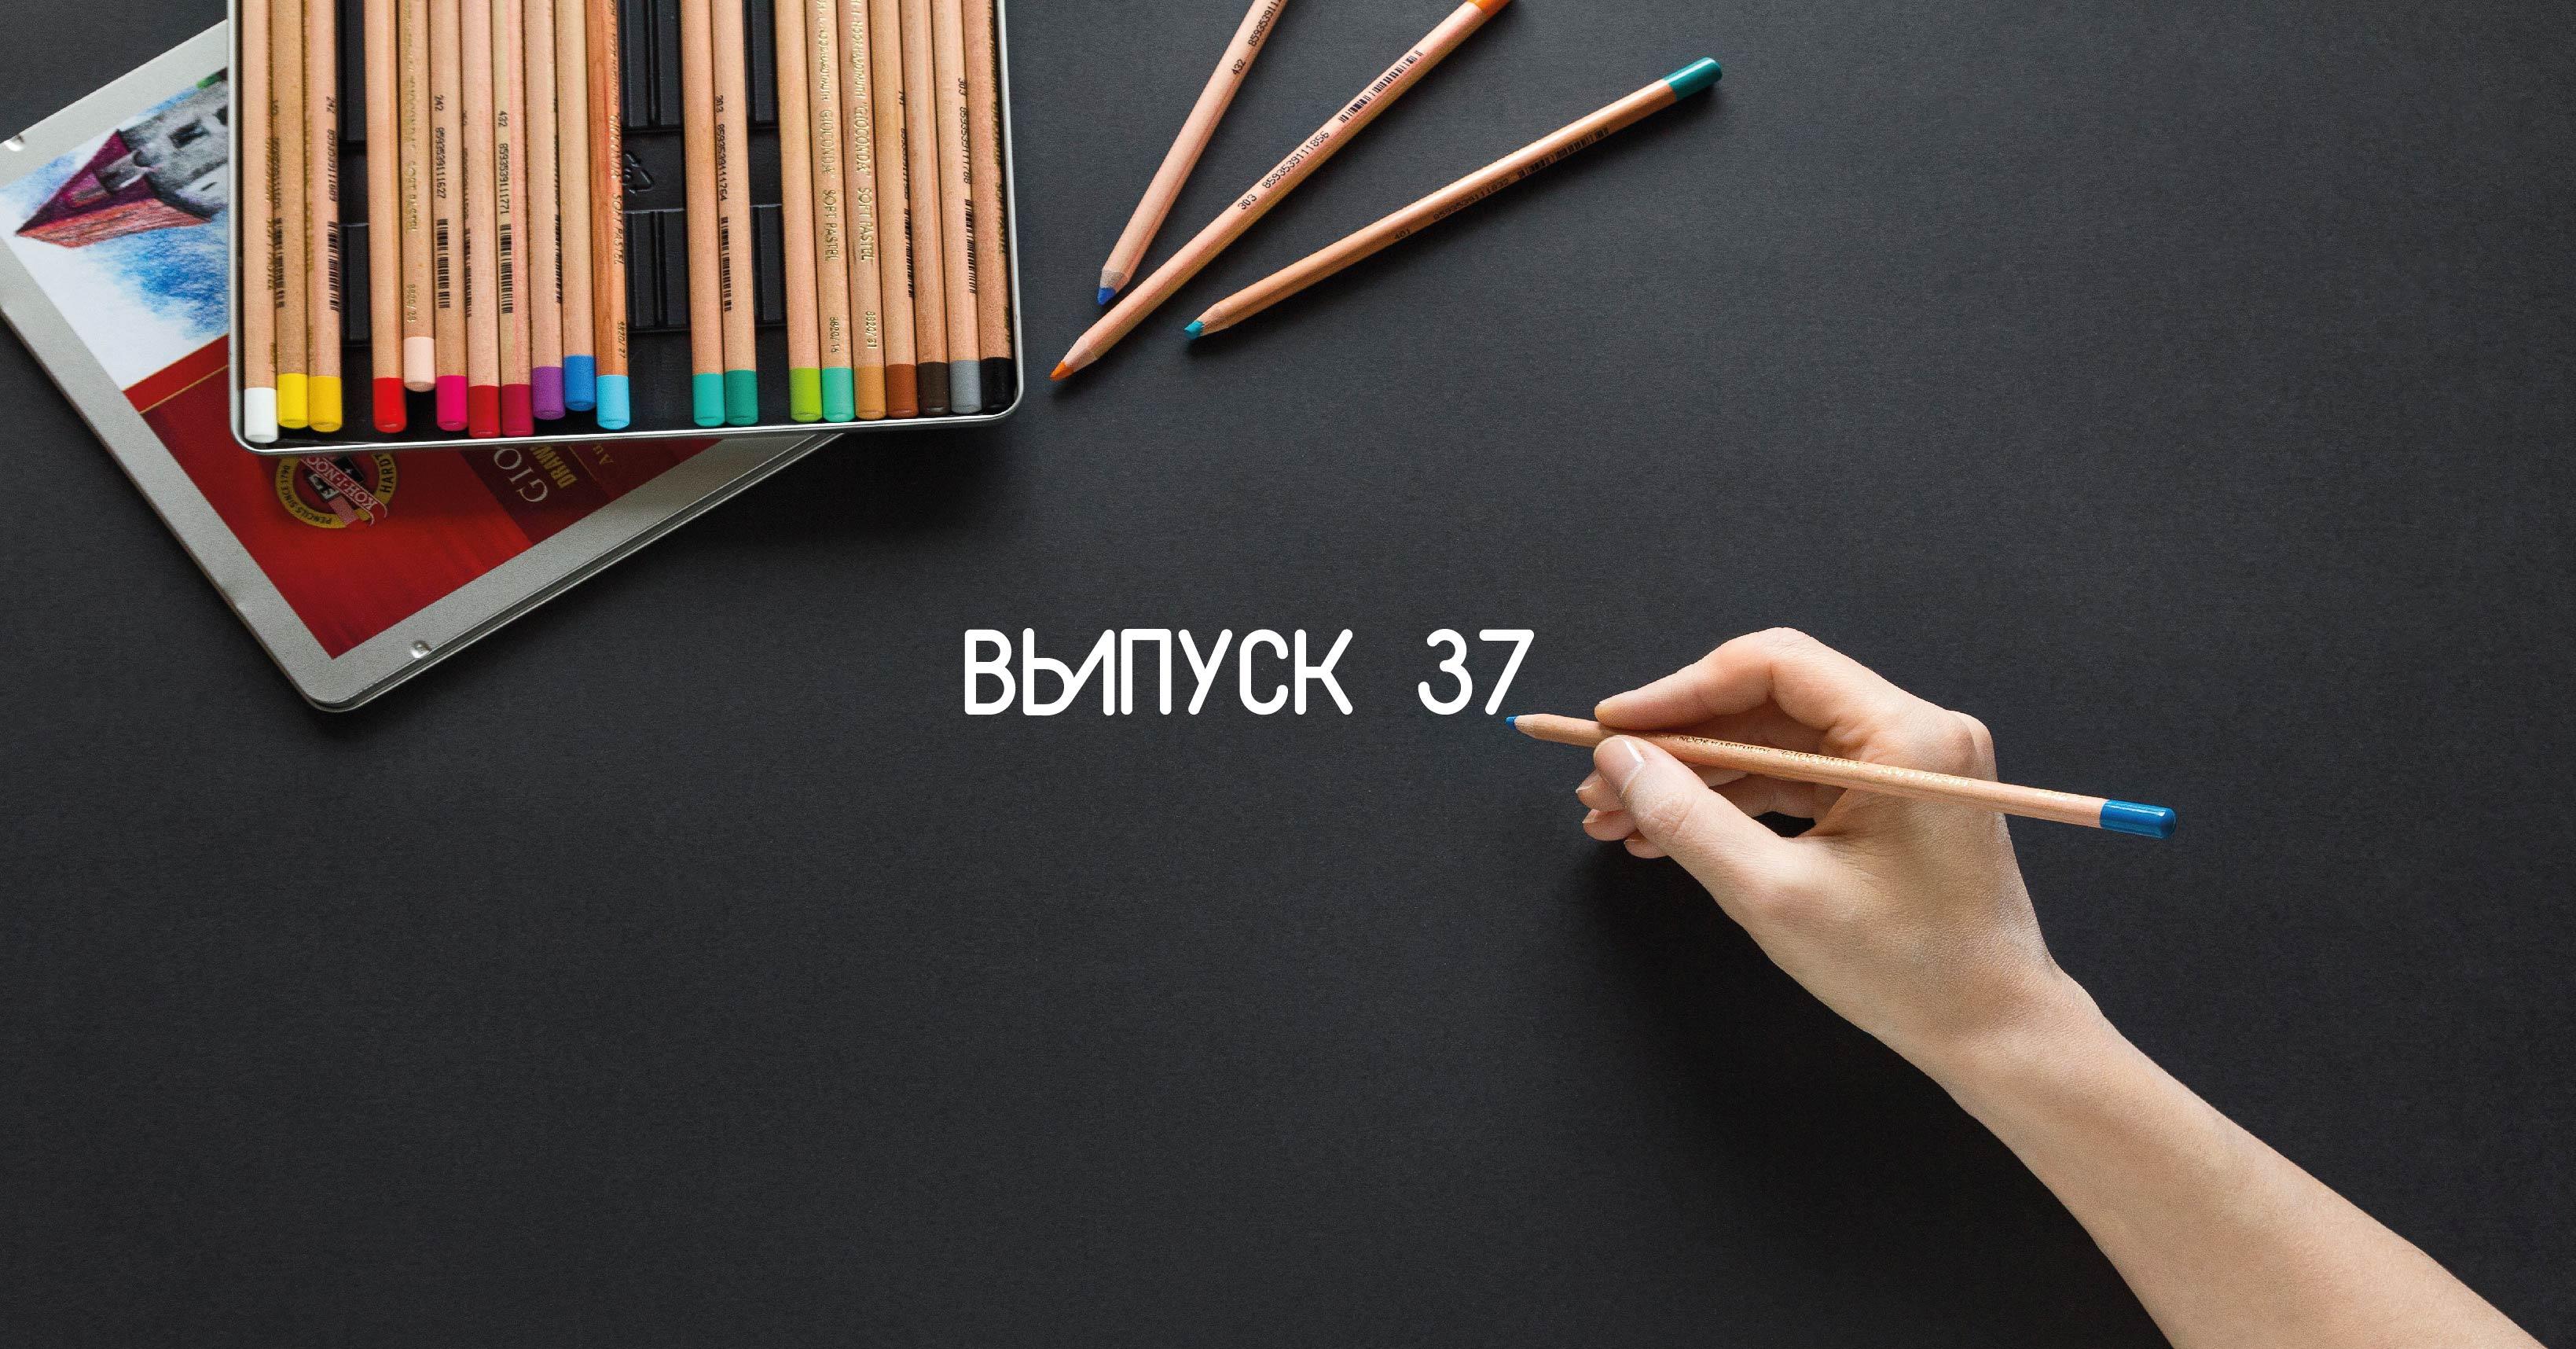 картинка шутка про часы русский язык